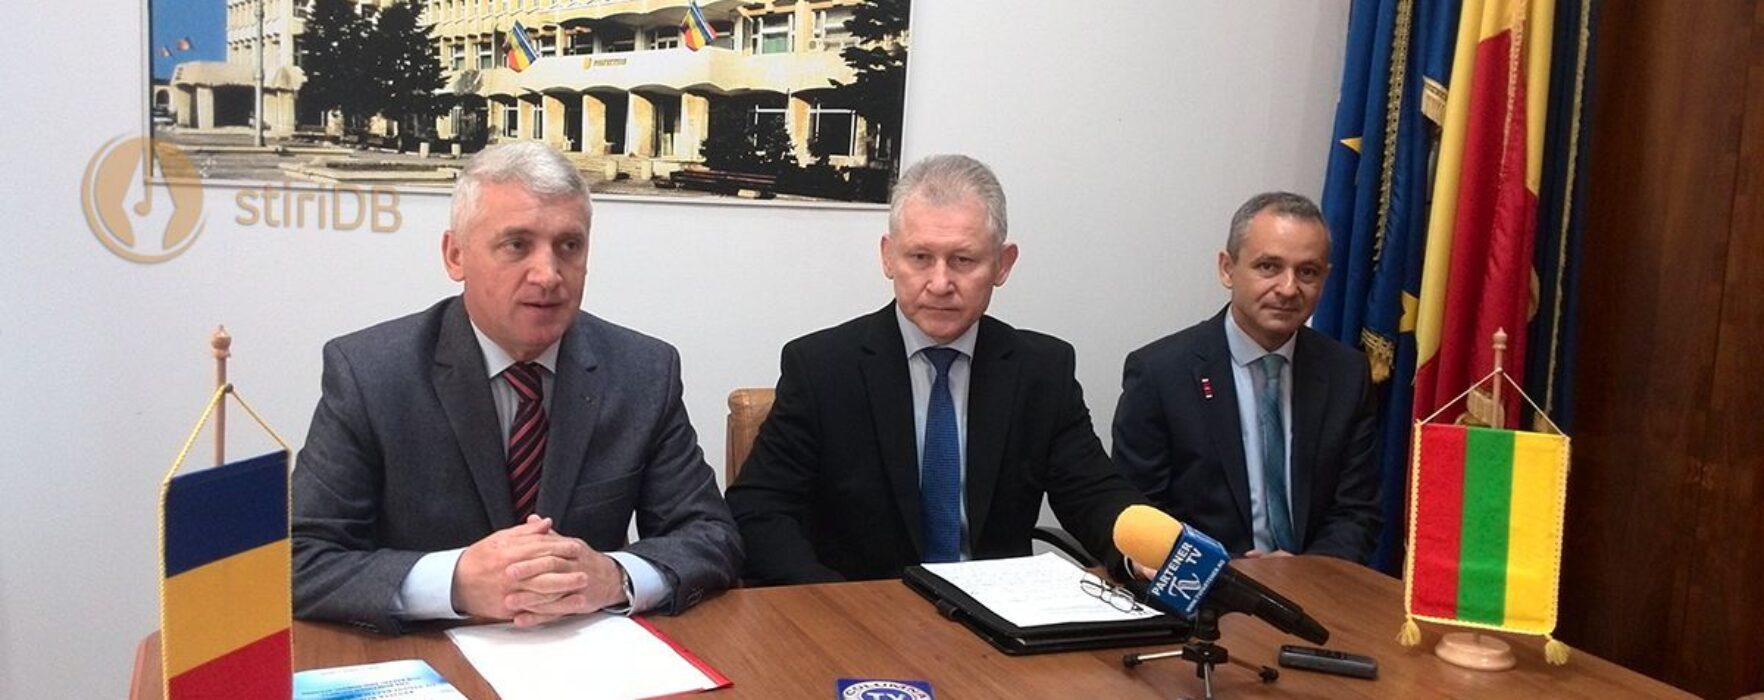 Ambasadorul Lituaniei, prezent la un seminar organizat la Târgovişte de Asociaţia Română pentru Studii Baltice şi Nordice